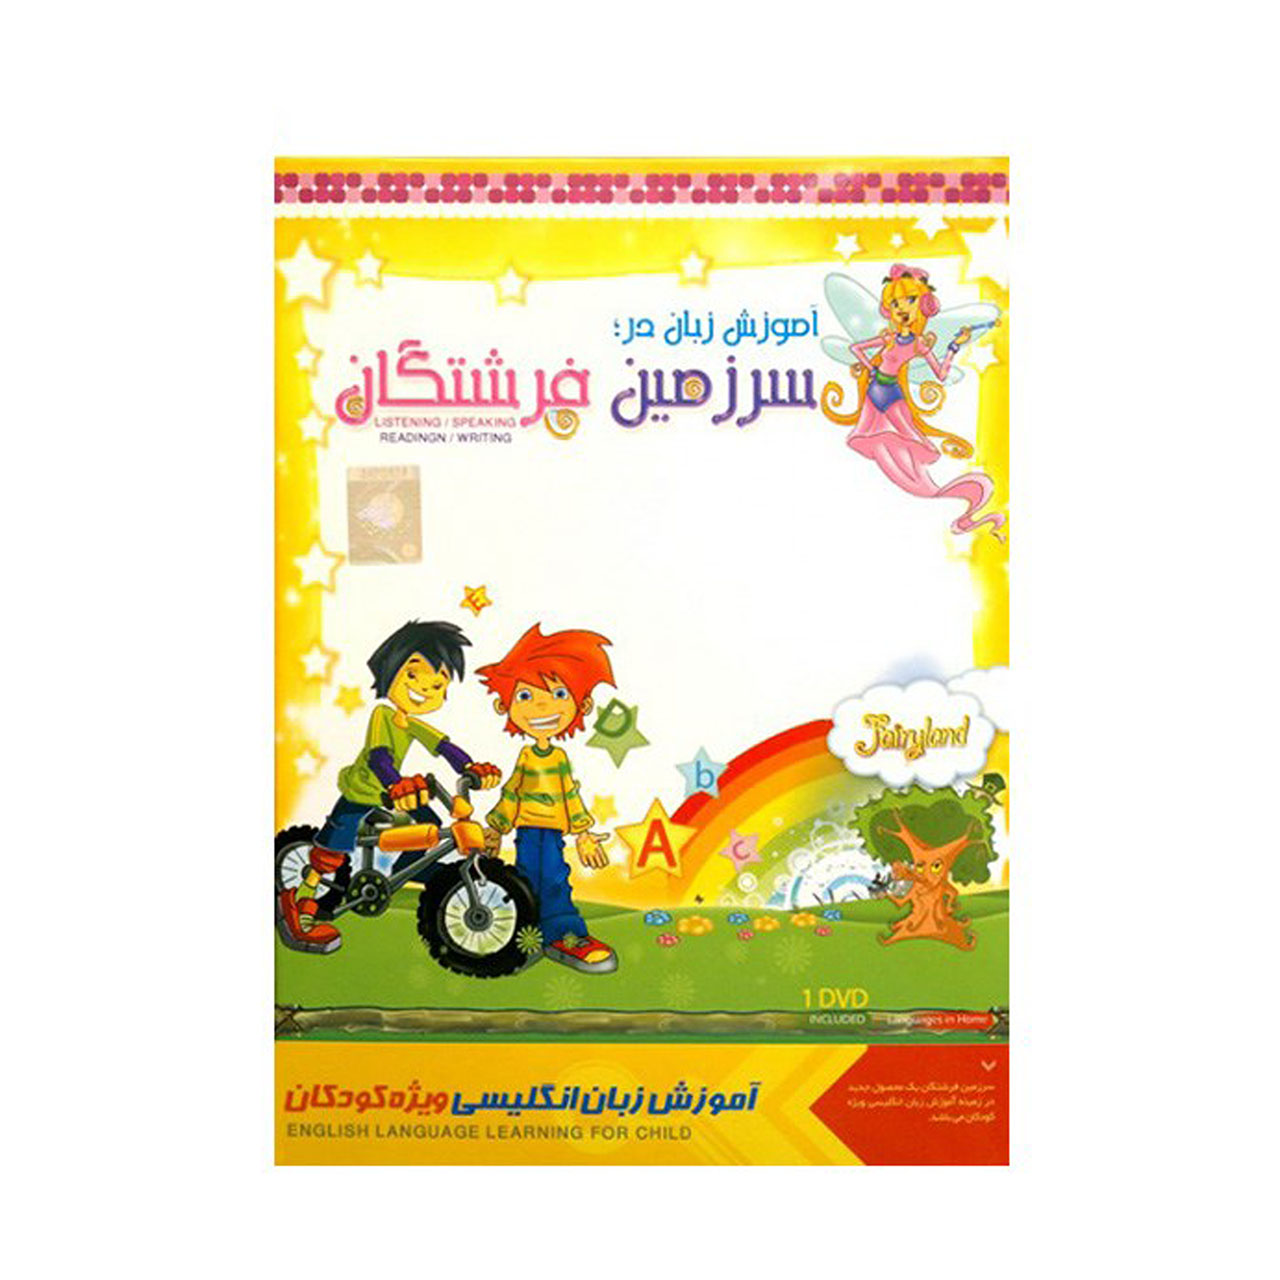 نرم افزار آموزش زبان انگلیسی ویژه کودکان (آموزش زبان در سرزمین فرشتگان)